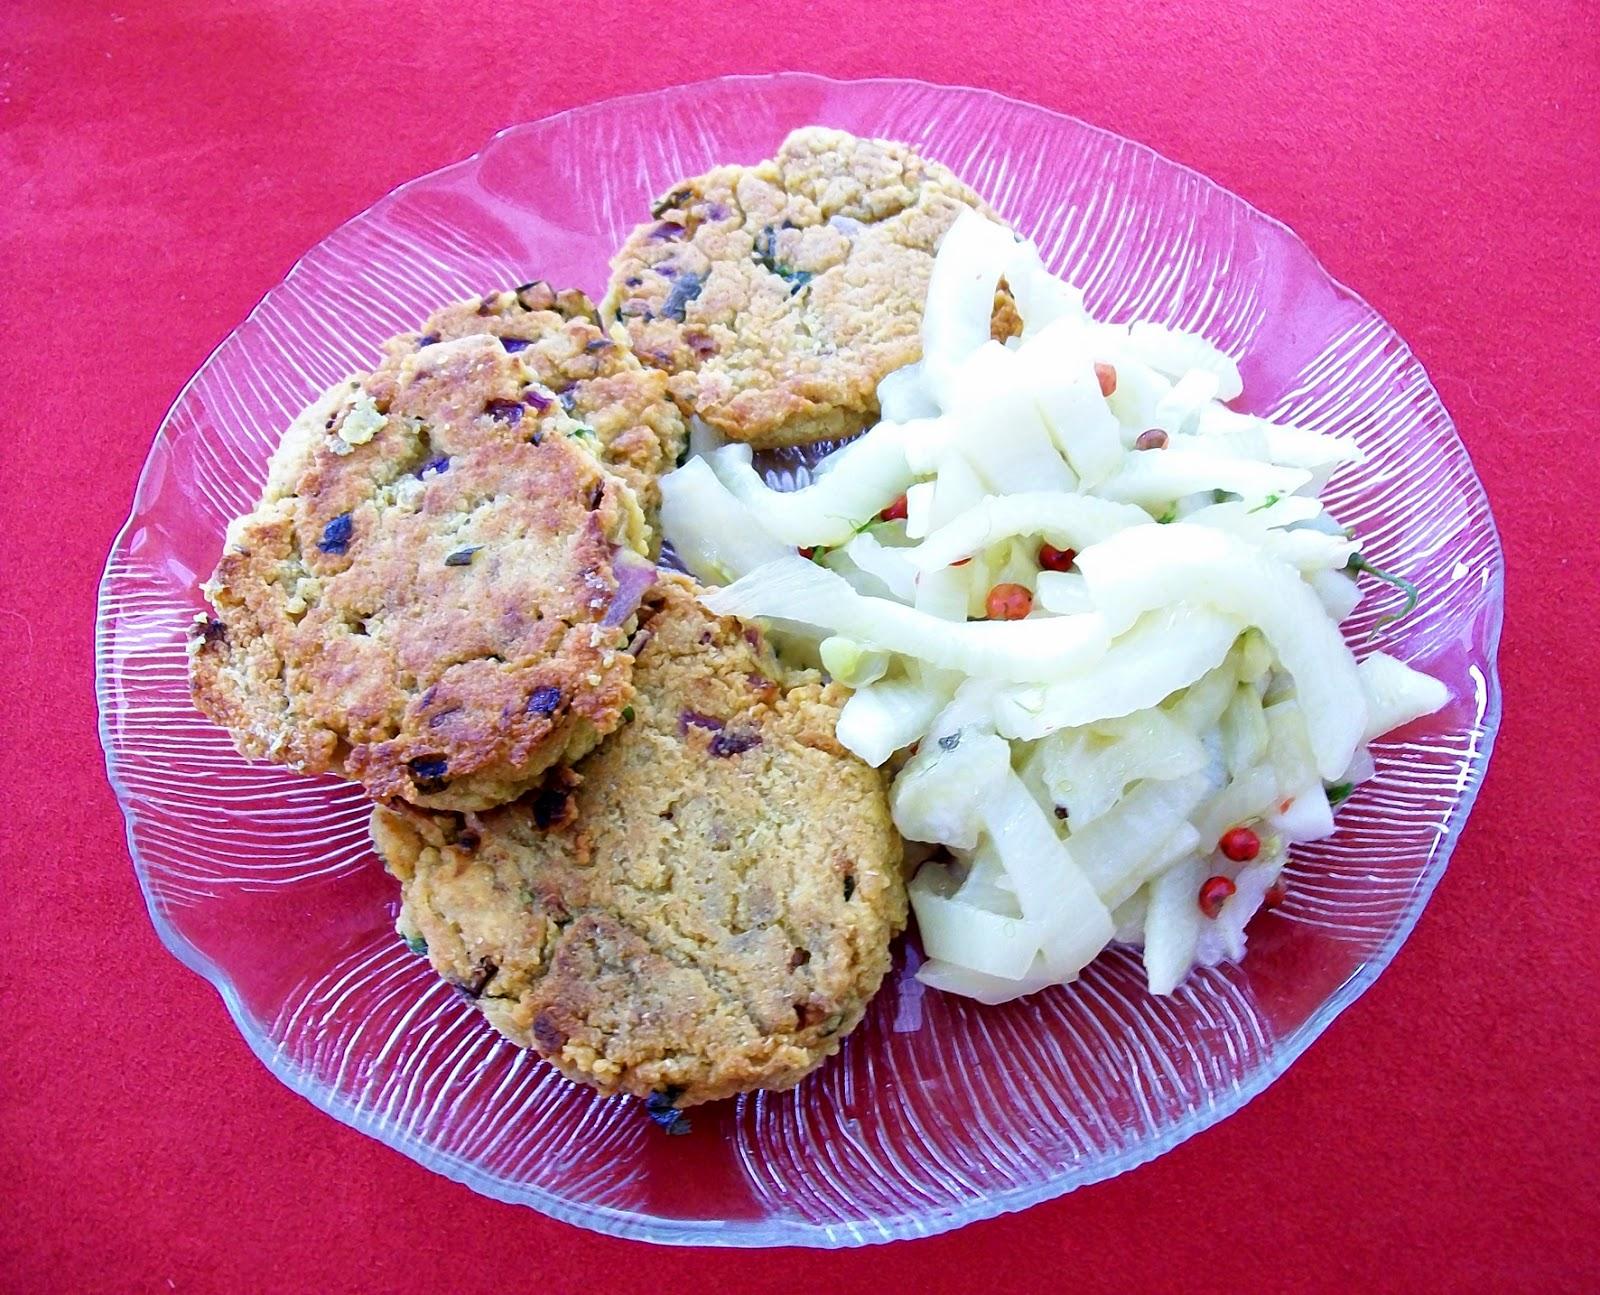 - Veganes Fenchel-Gemüse  (Griechenland) mit Kichererbsen-Laibchen (veganes Rezept für 2 Personen) -  hautpspeise